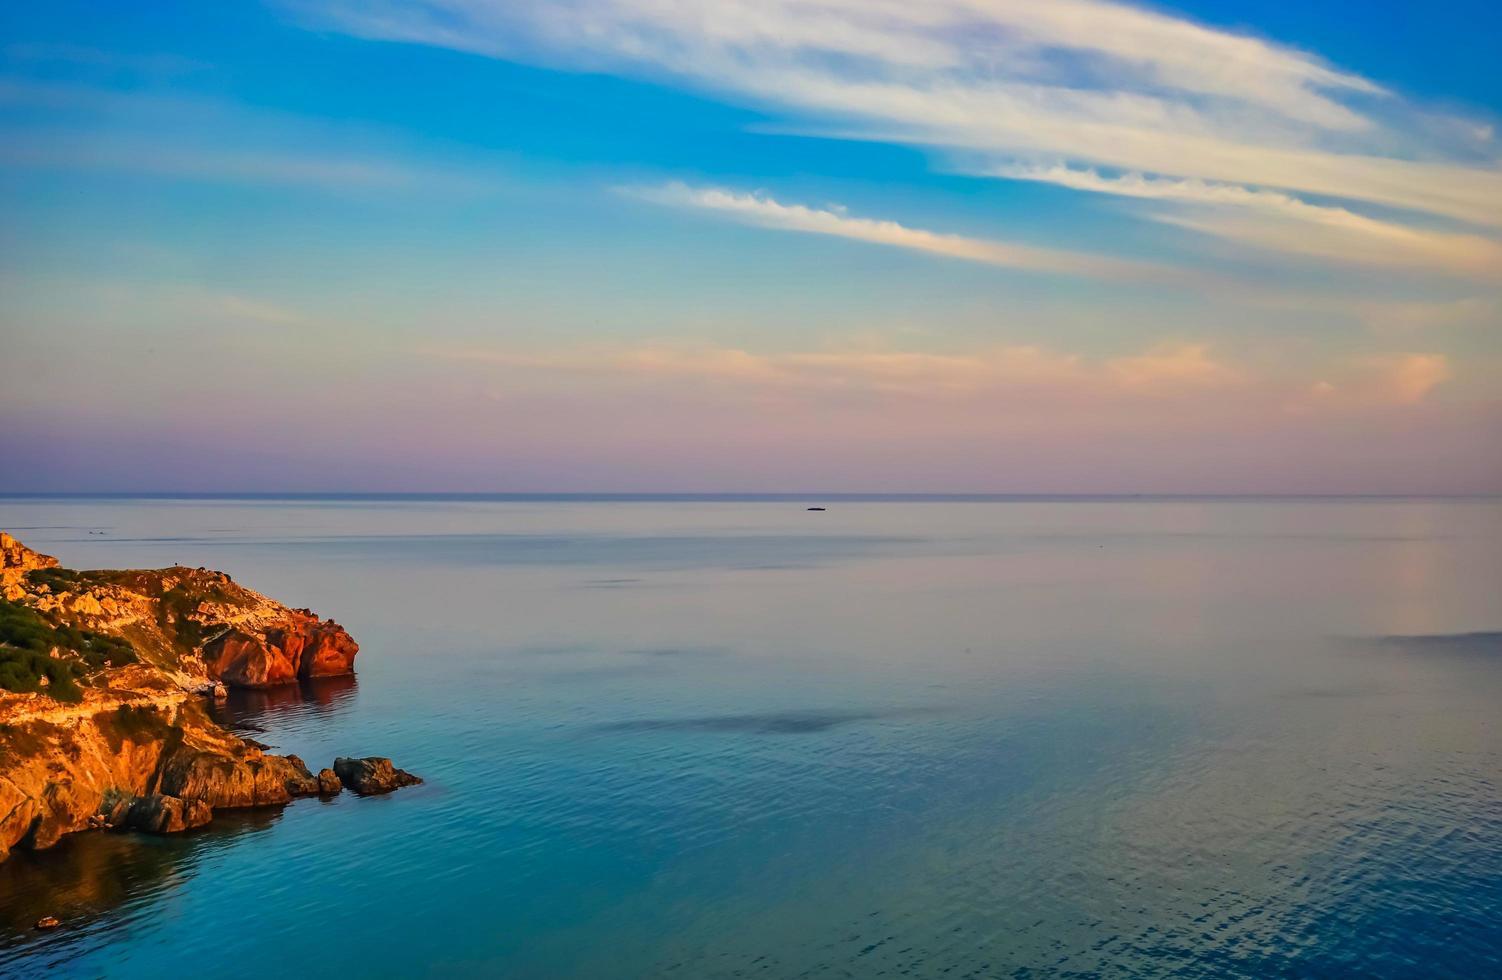 Seelandschaft einer felsigen Küste durch ein Gewässer mit einem bunten bewölkten Himmel foto